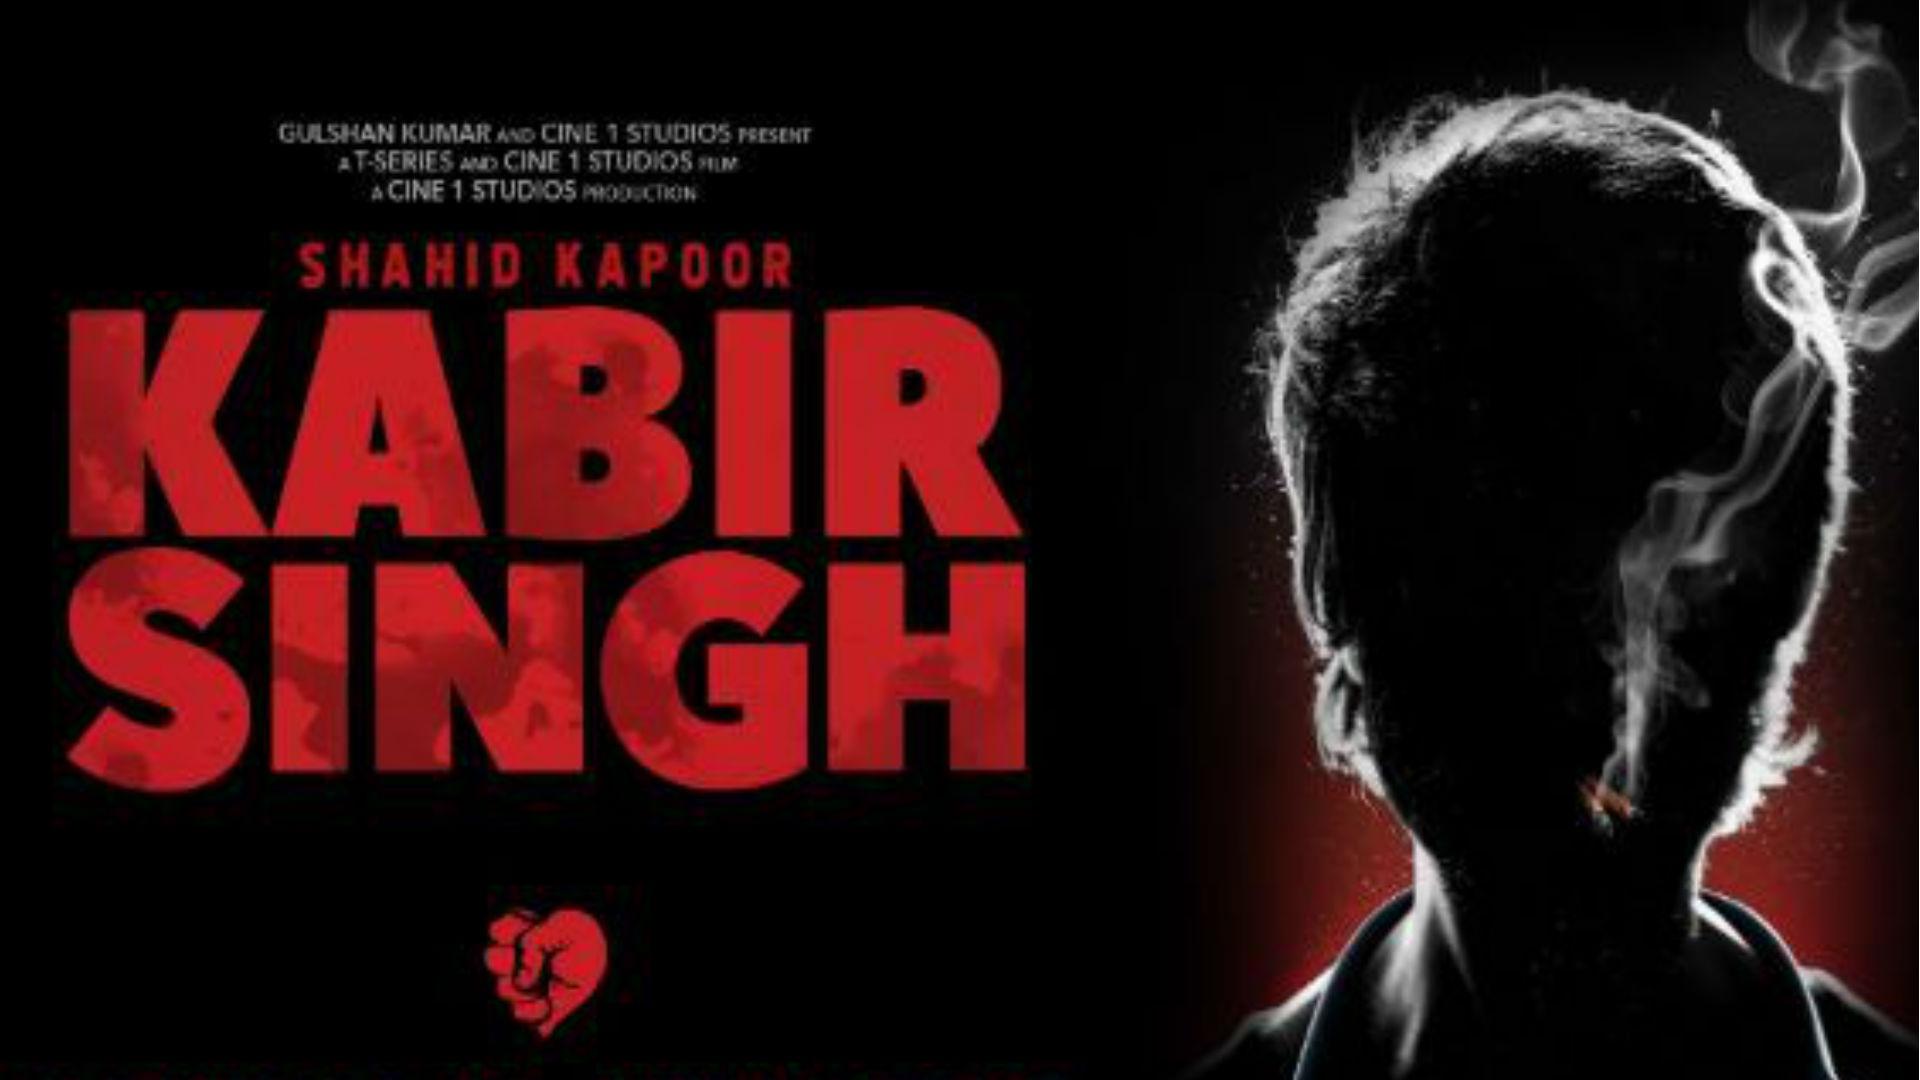 Kabir Singh Collection: शाहिद कपूर की फिल्म ने तोड़े कमाई के सारे रिकॉर्ड, इस वजह से बनी साल की सबसे बड़ी मूवी